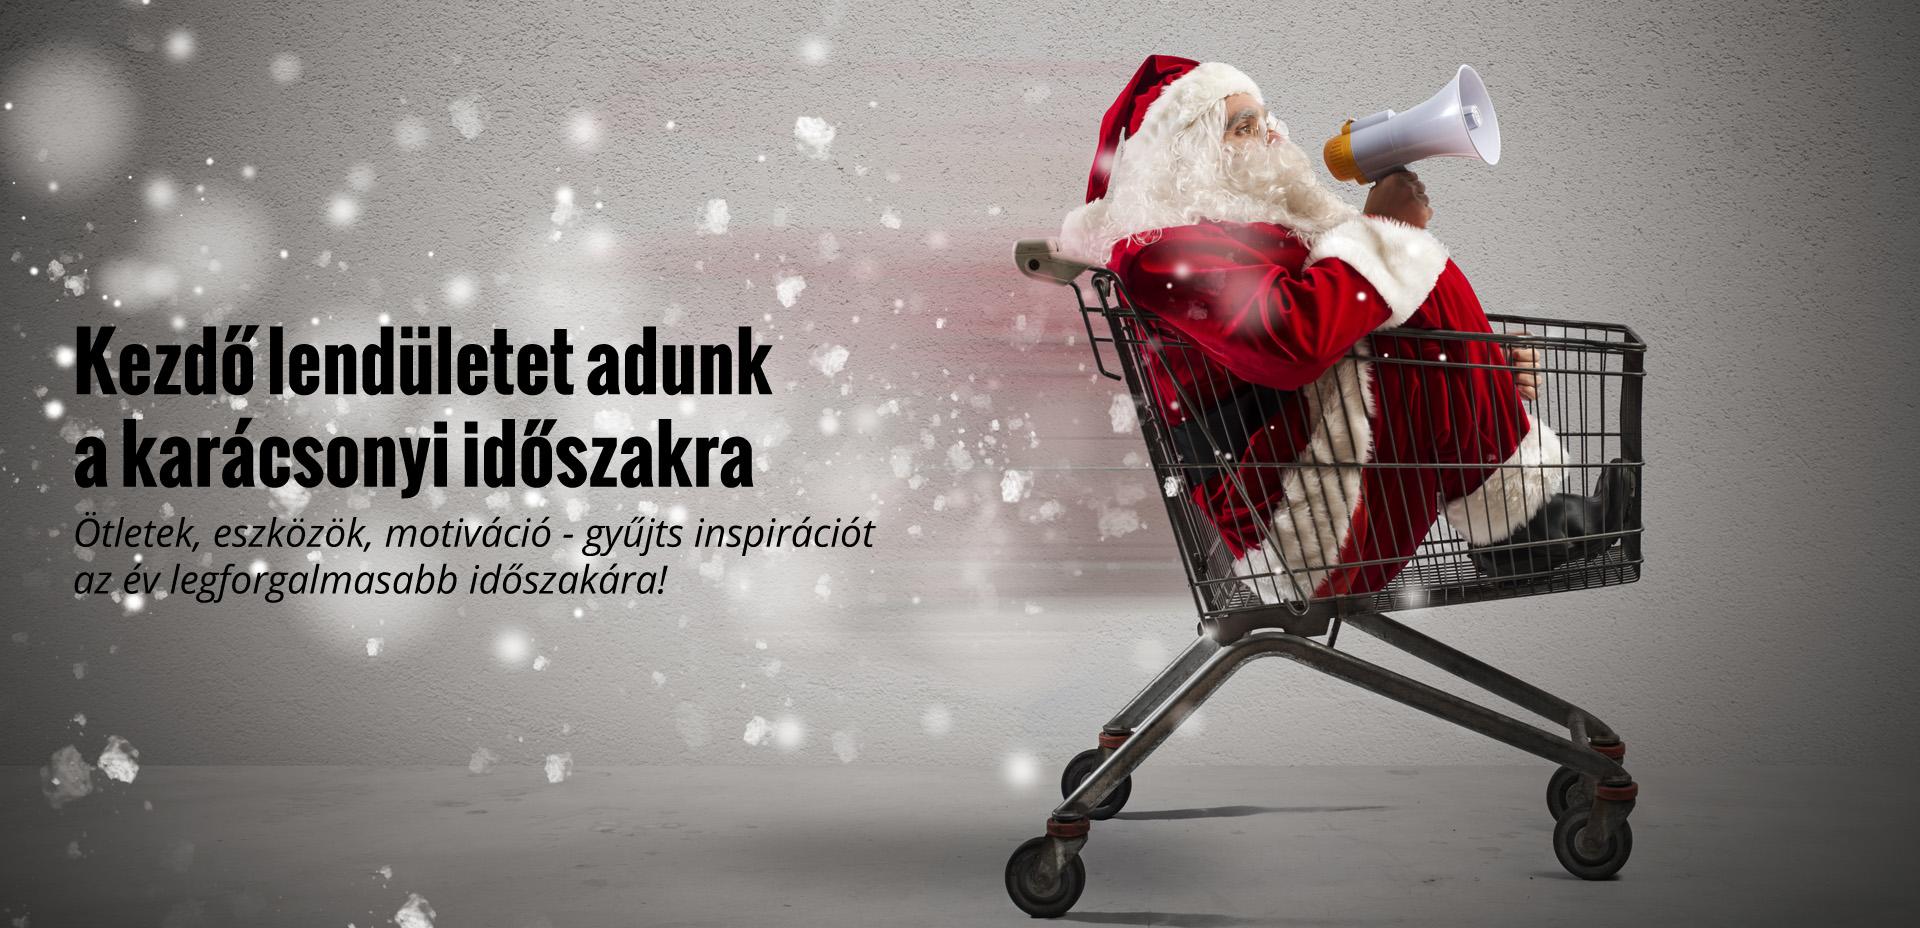 Kezdő lendületet adunk a karácsonyi időszakra - Ötletek, eszközök, motiváció - gyűjts inspirációt az év legforgalmasabb időszakára!